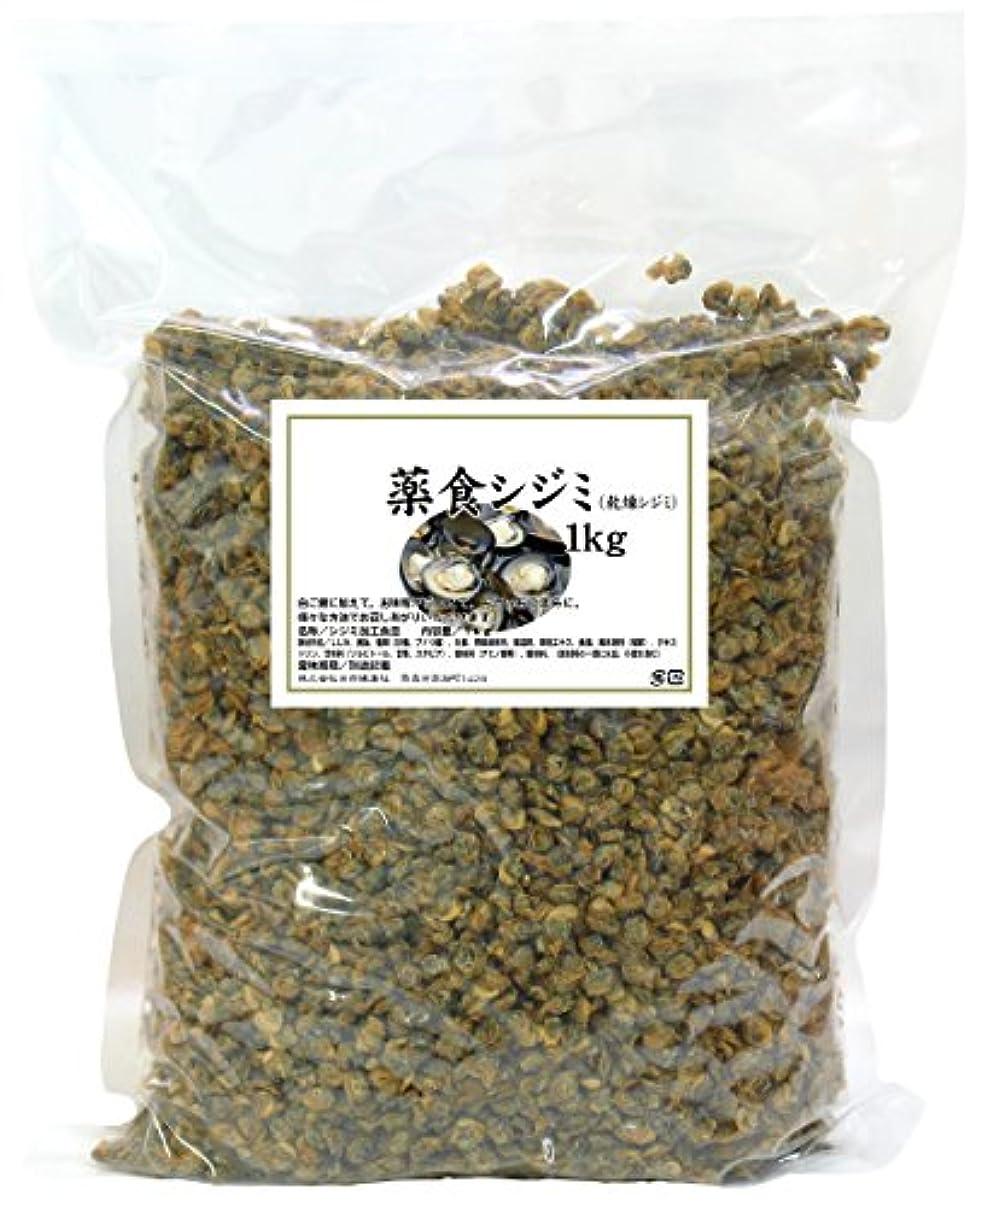 鰐命令的買う乾燥シジミ1kg タウリン オルニチン 自然食品